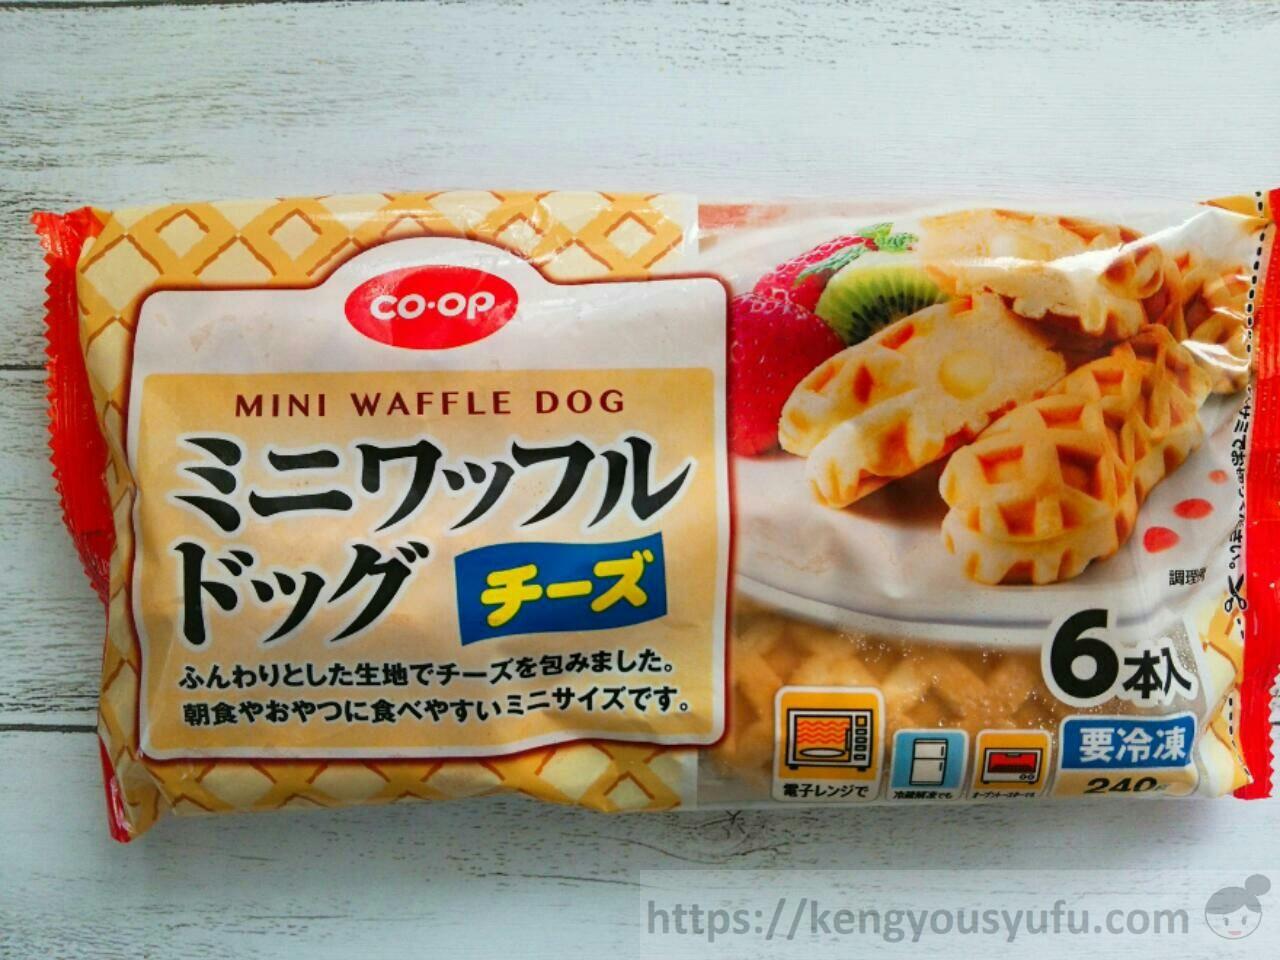 コープの「ミニワッフルドッグチーズ」がうまいらしいから食べてみた